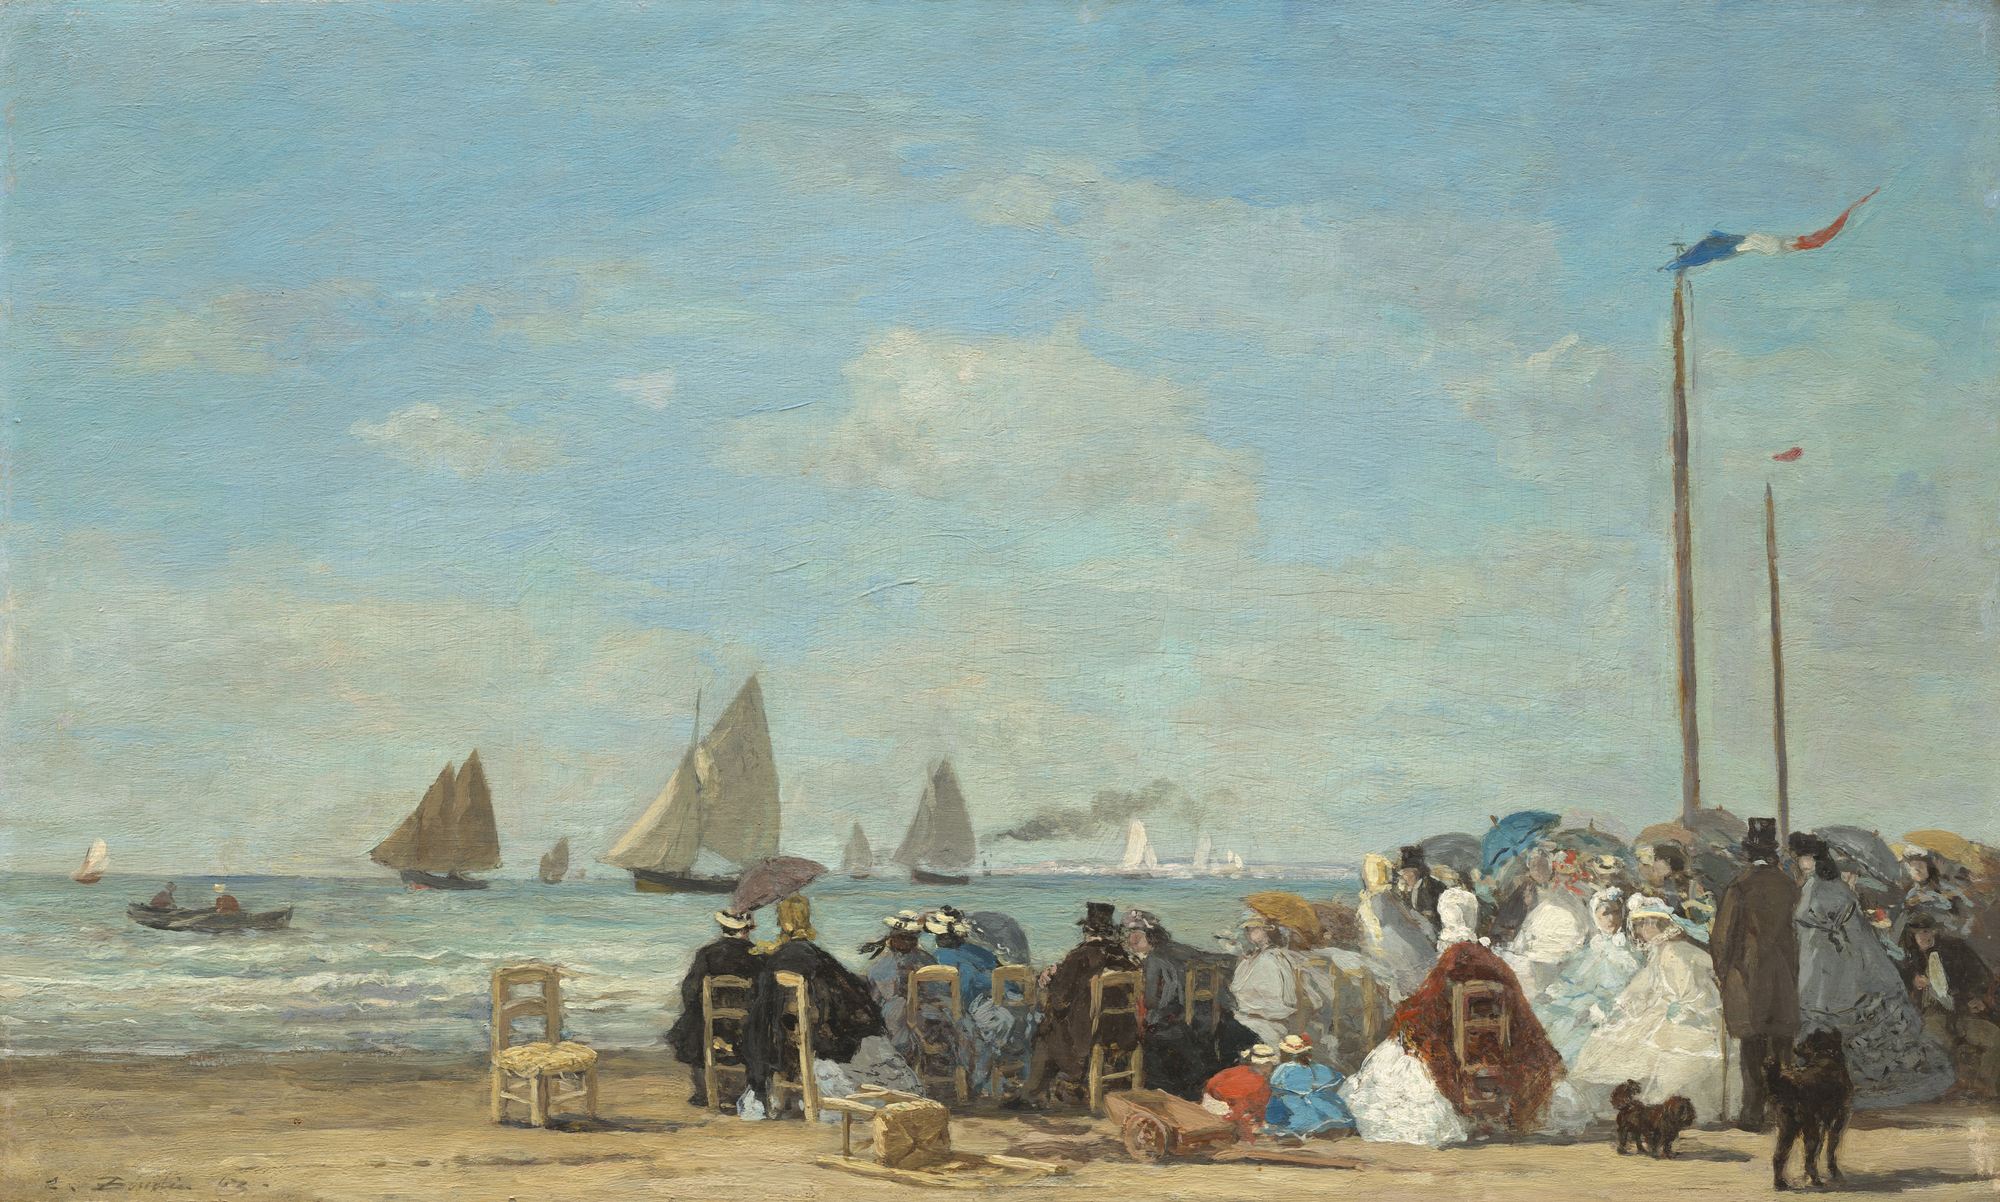 Boudin Eugène, Scène de plage à Trouville, 1863, huile sur toile, 34,8 x 57,5 cm, National Gallery of Art Washington